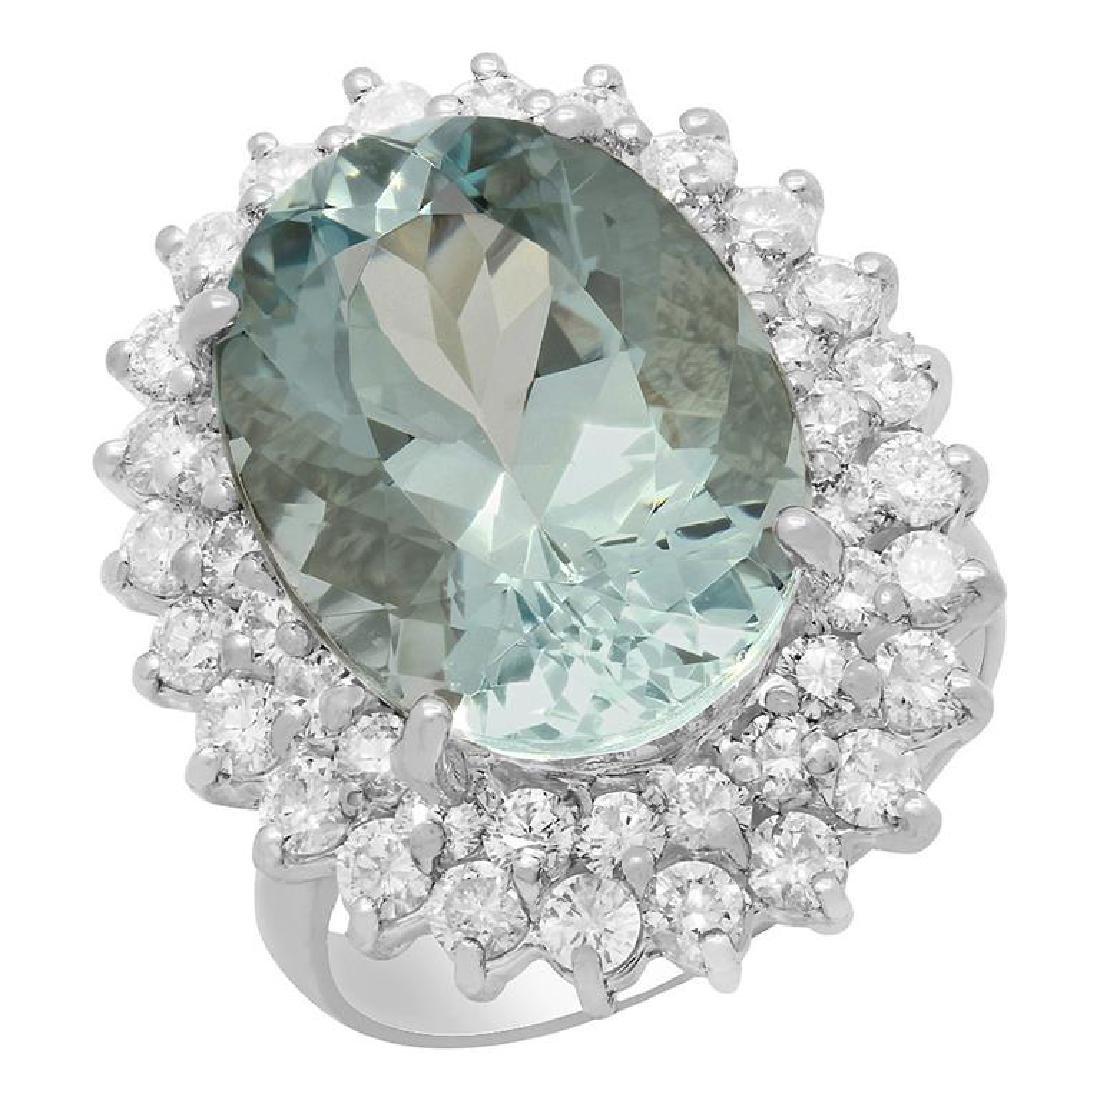 14k White Gold 9.27ct Aquamarine 2.04ct Diamond Ring